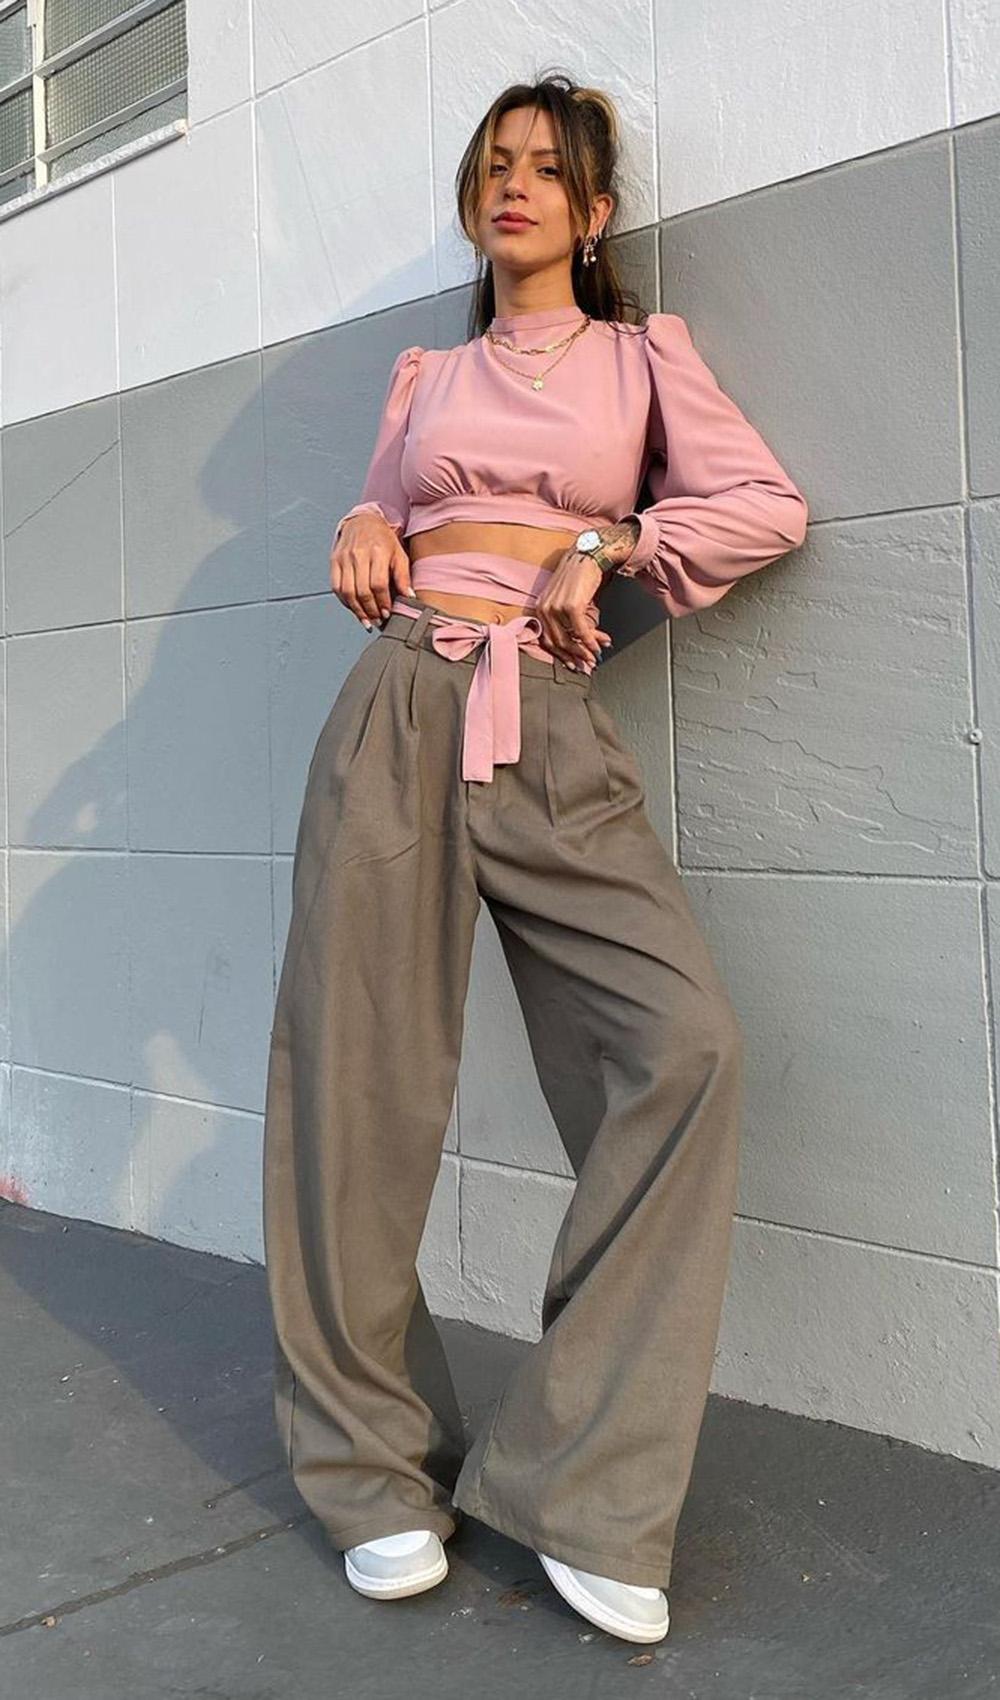 blusa rosa com tiras, calça de alfaiataria wide leg